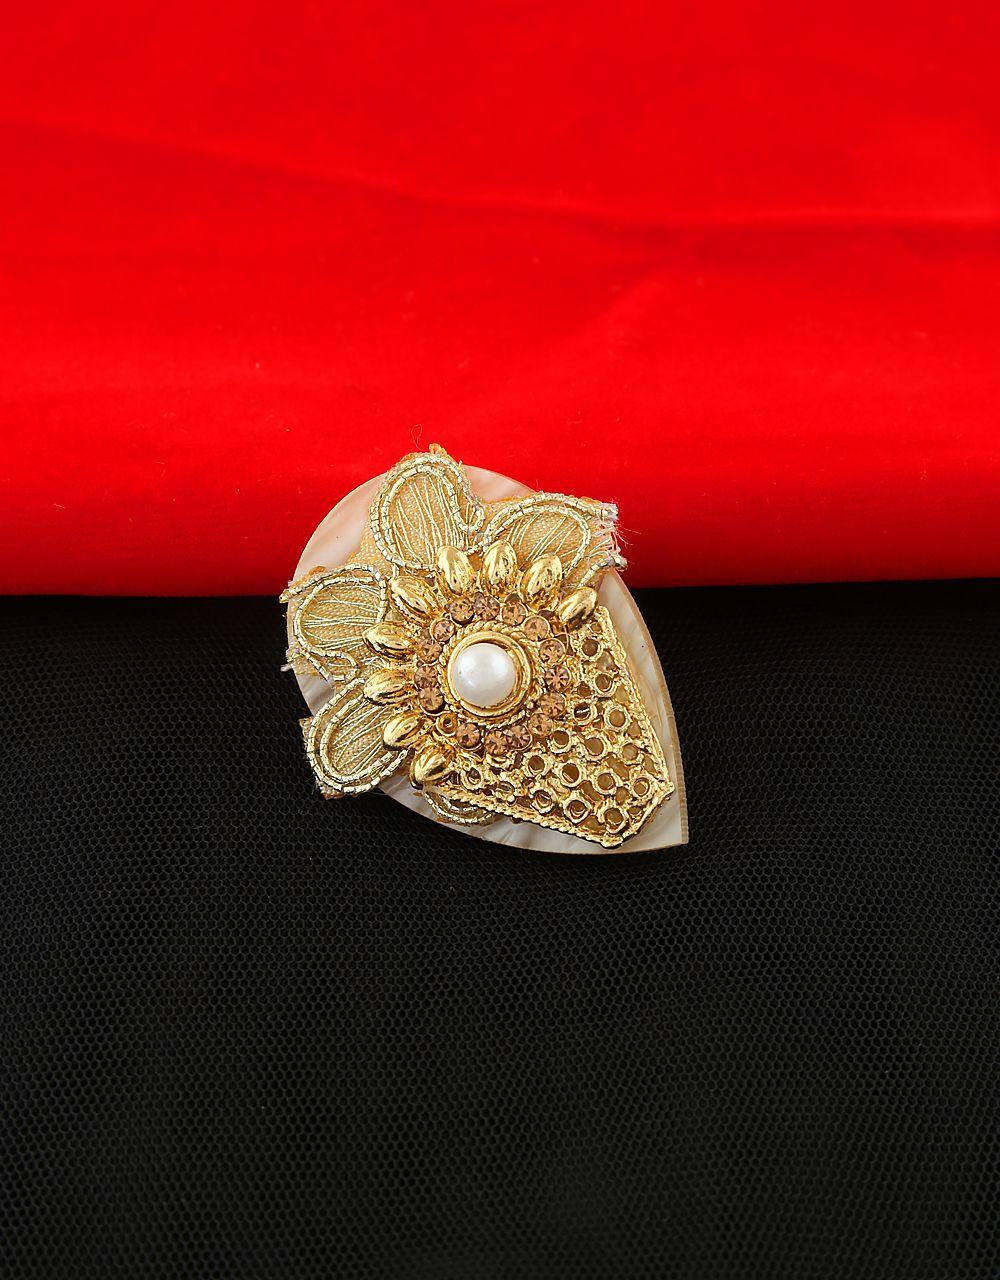 Anuradha Art Golden Colour Simple Stylish Sari//Saree Pin for Women//Girls